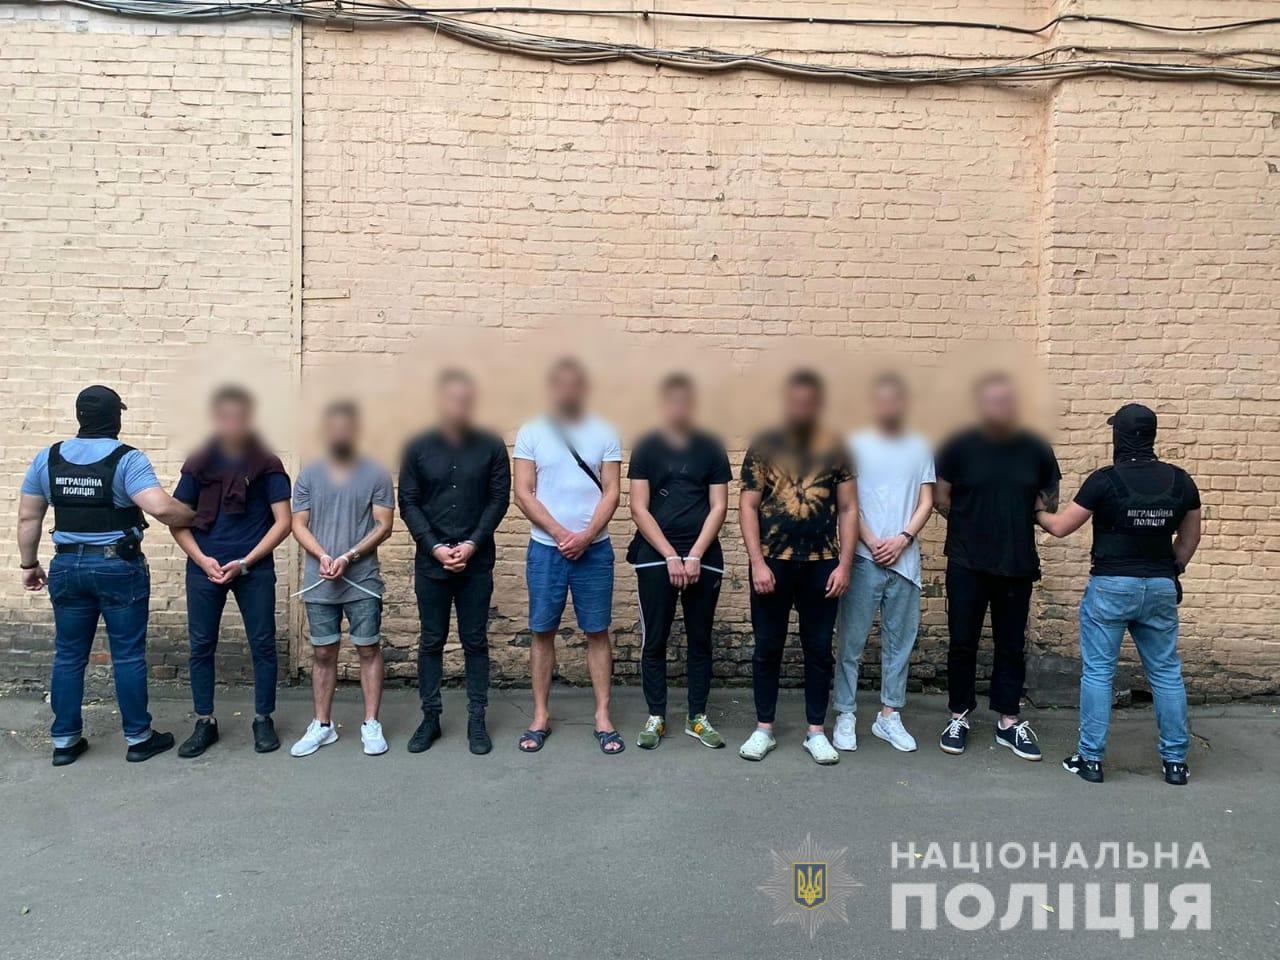 Полиция заявила о задержании банды во главе с россиянином. Жертв пытали и грабили: видео